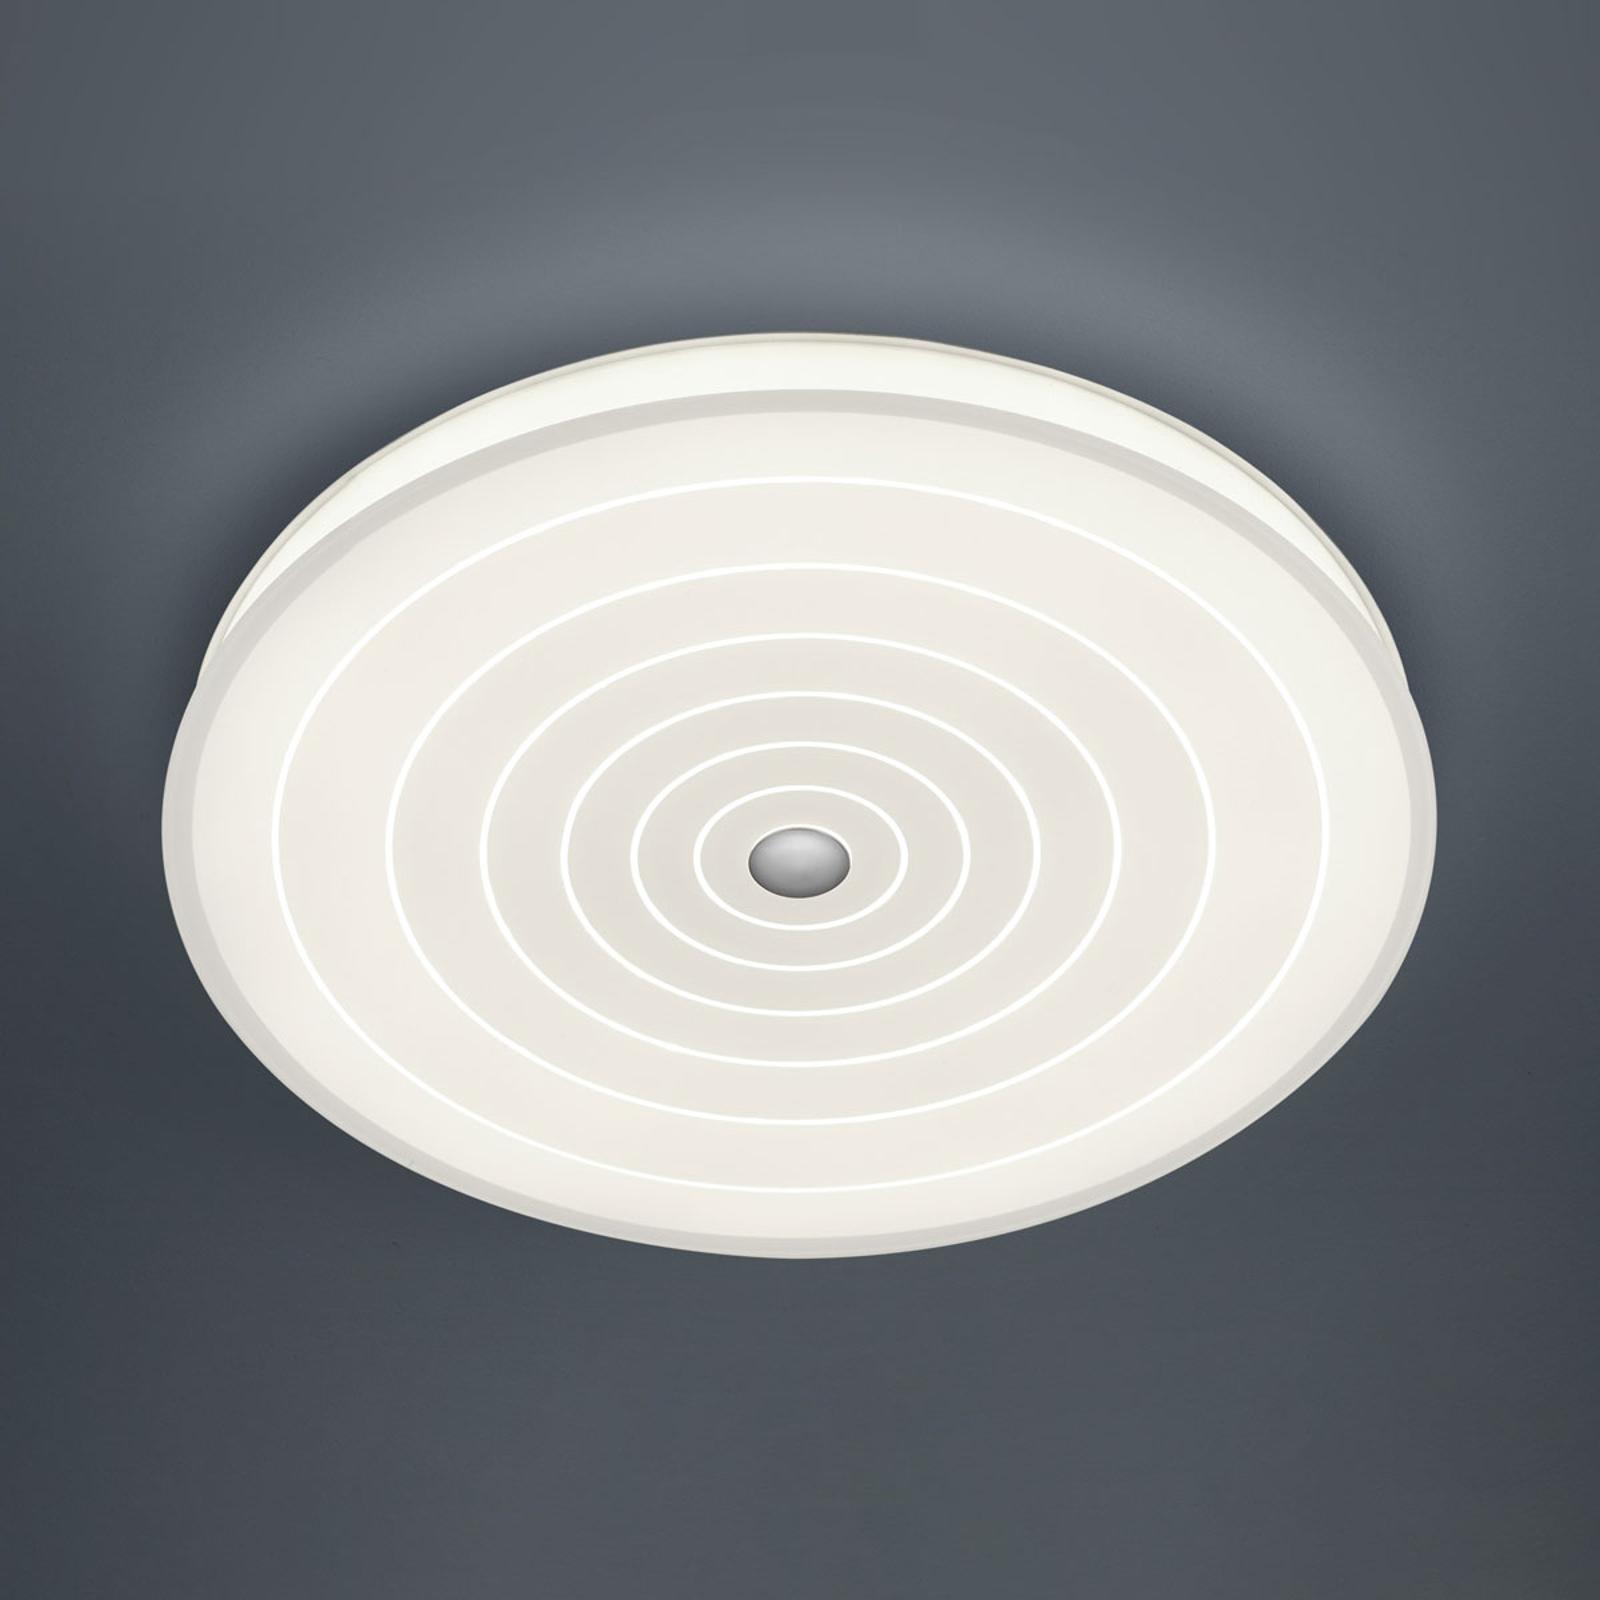 BANKAMP BANKAMP Mandala stropní LED svítidlo kruhy, 42 cm